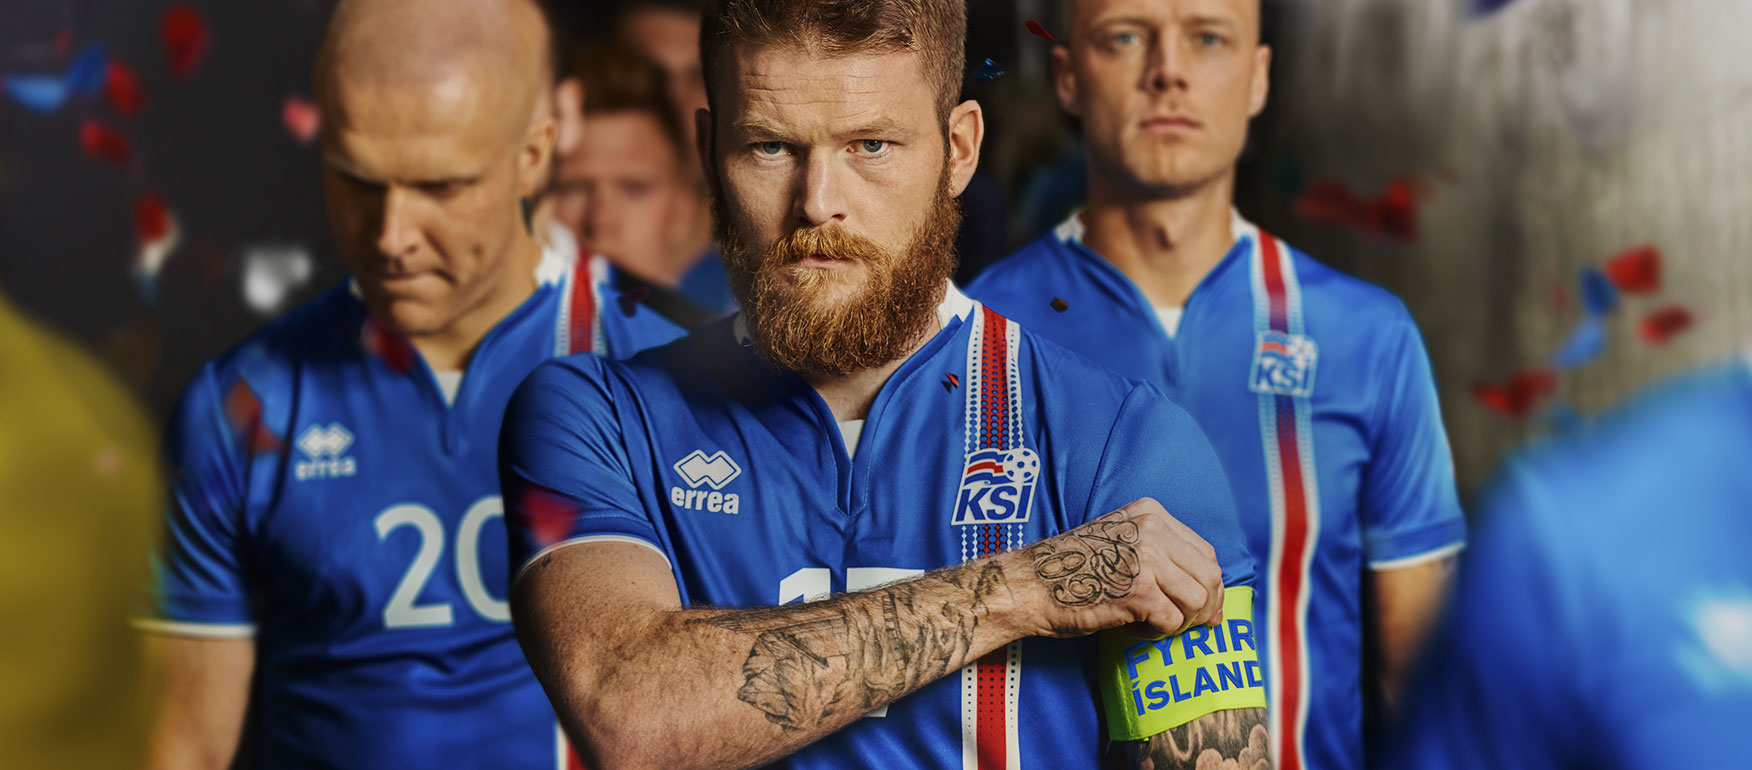 die mannschaft turniere europameisterschaften em teilnehmer island